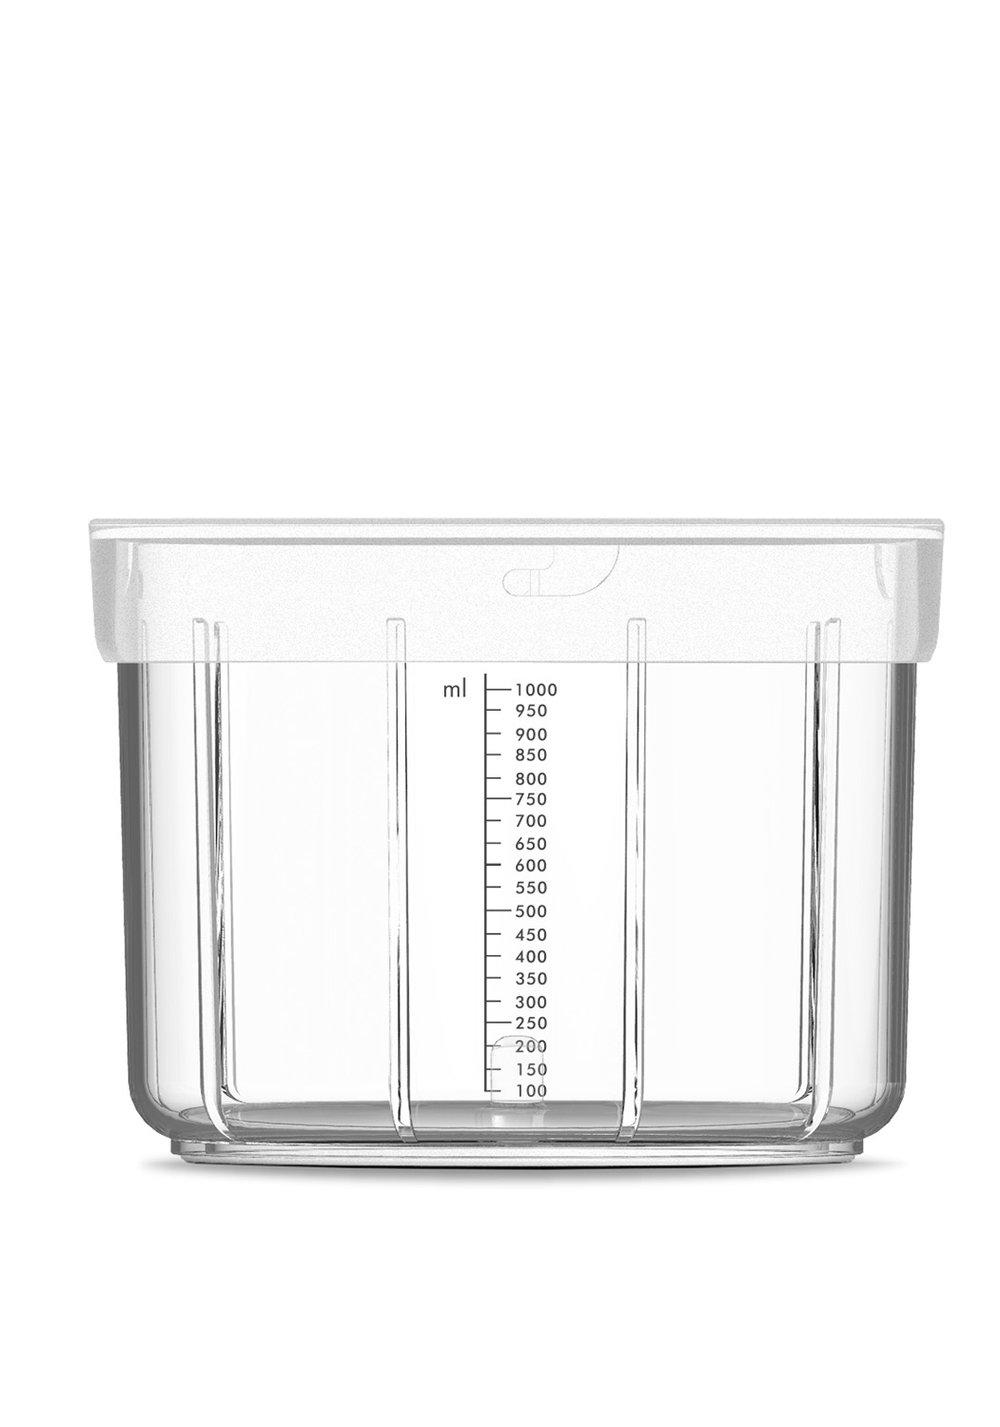 BOL + COUVERCLE - • Polyvalent• Couvercle de protection• Préparer/conserver• Facile à nettoyer500324 BOL + COUVERCLE